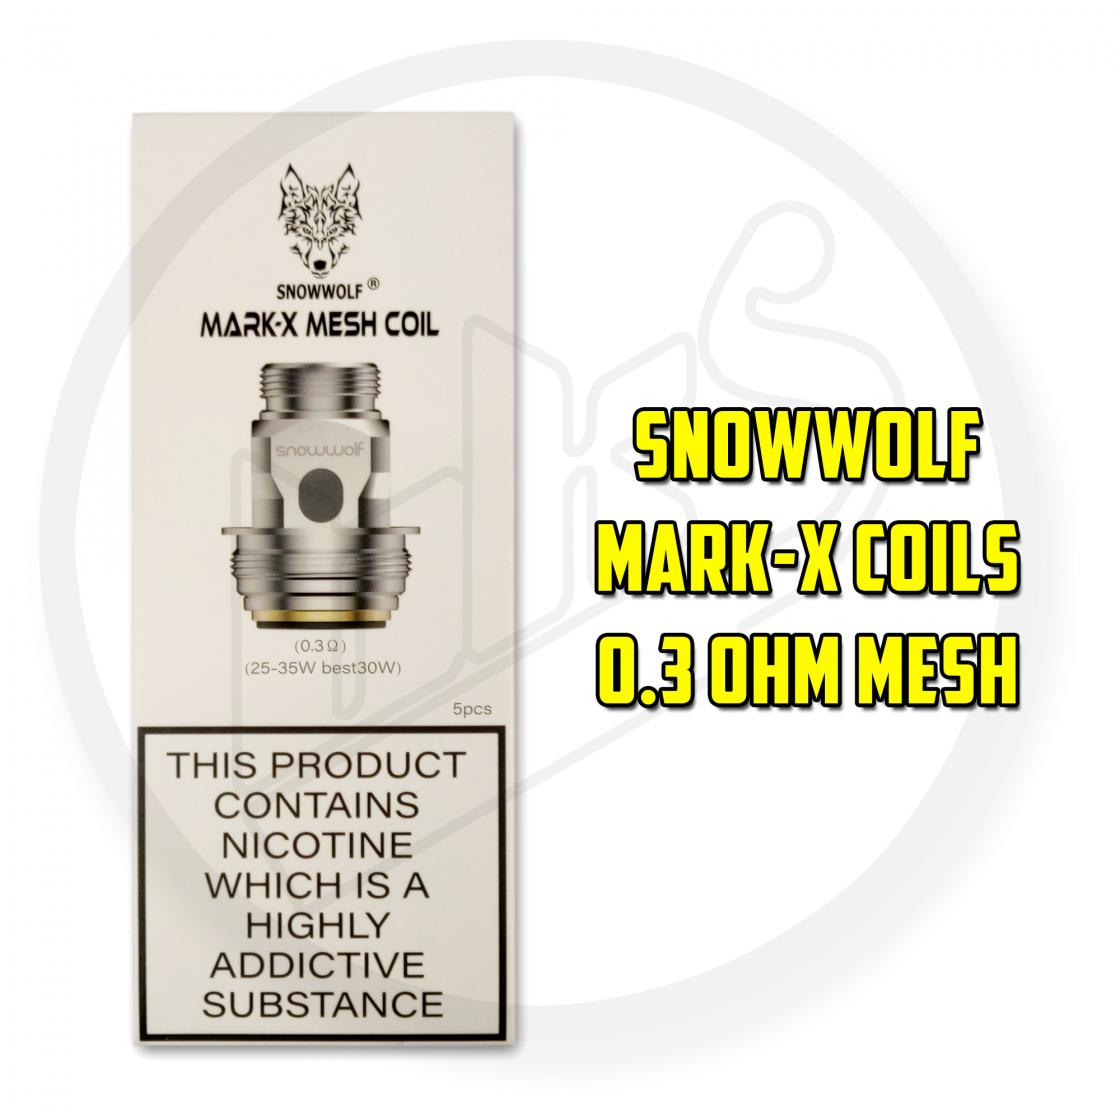 Mark X Coils